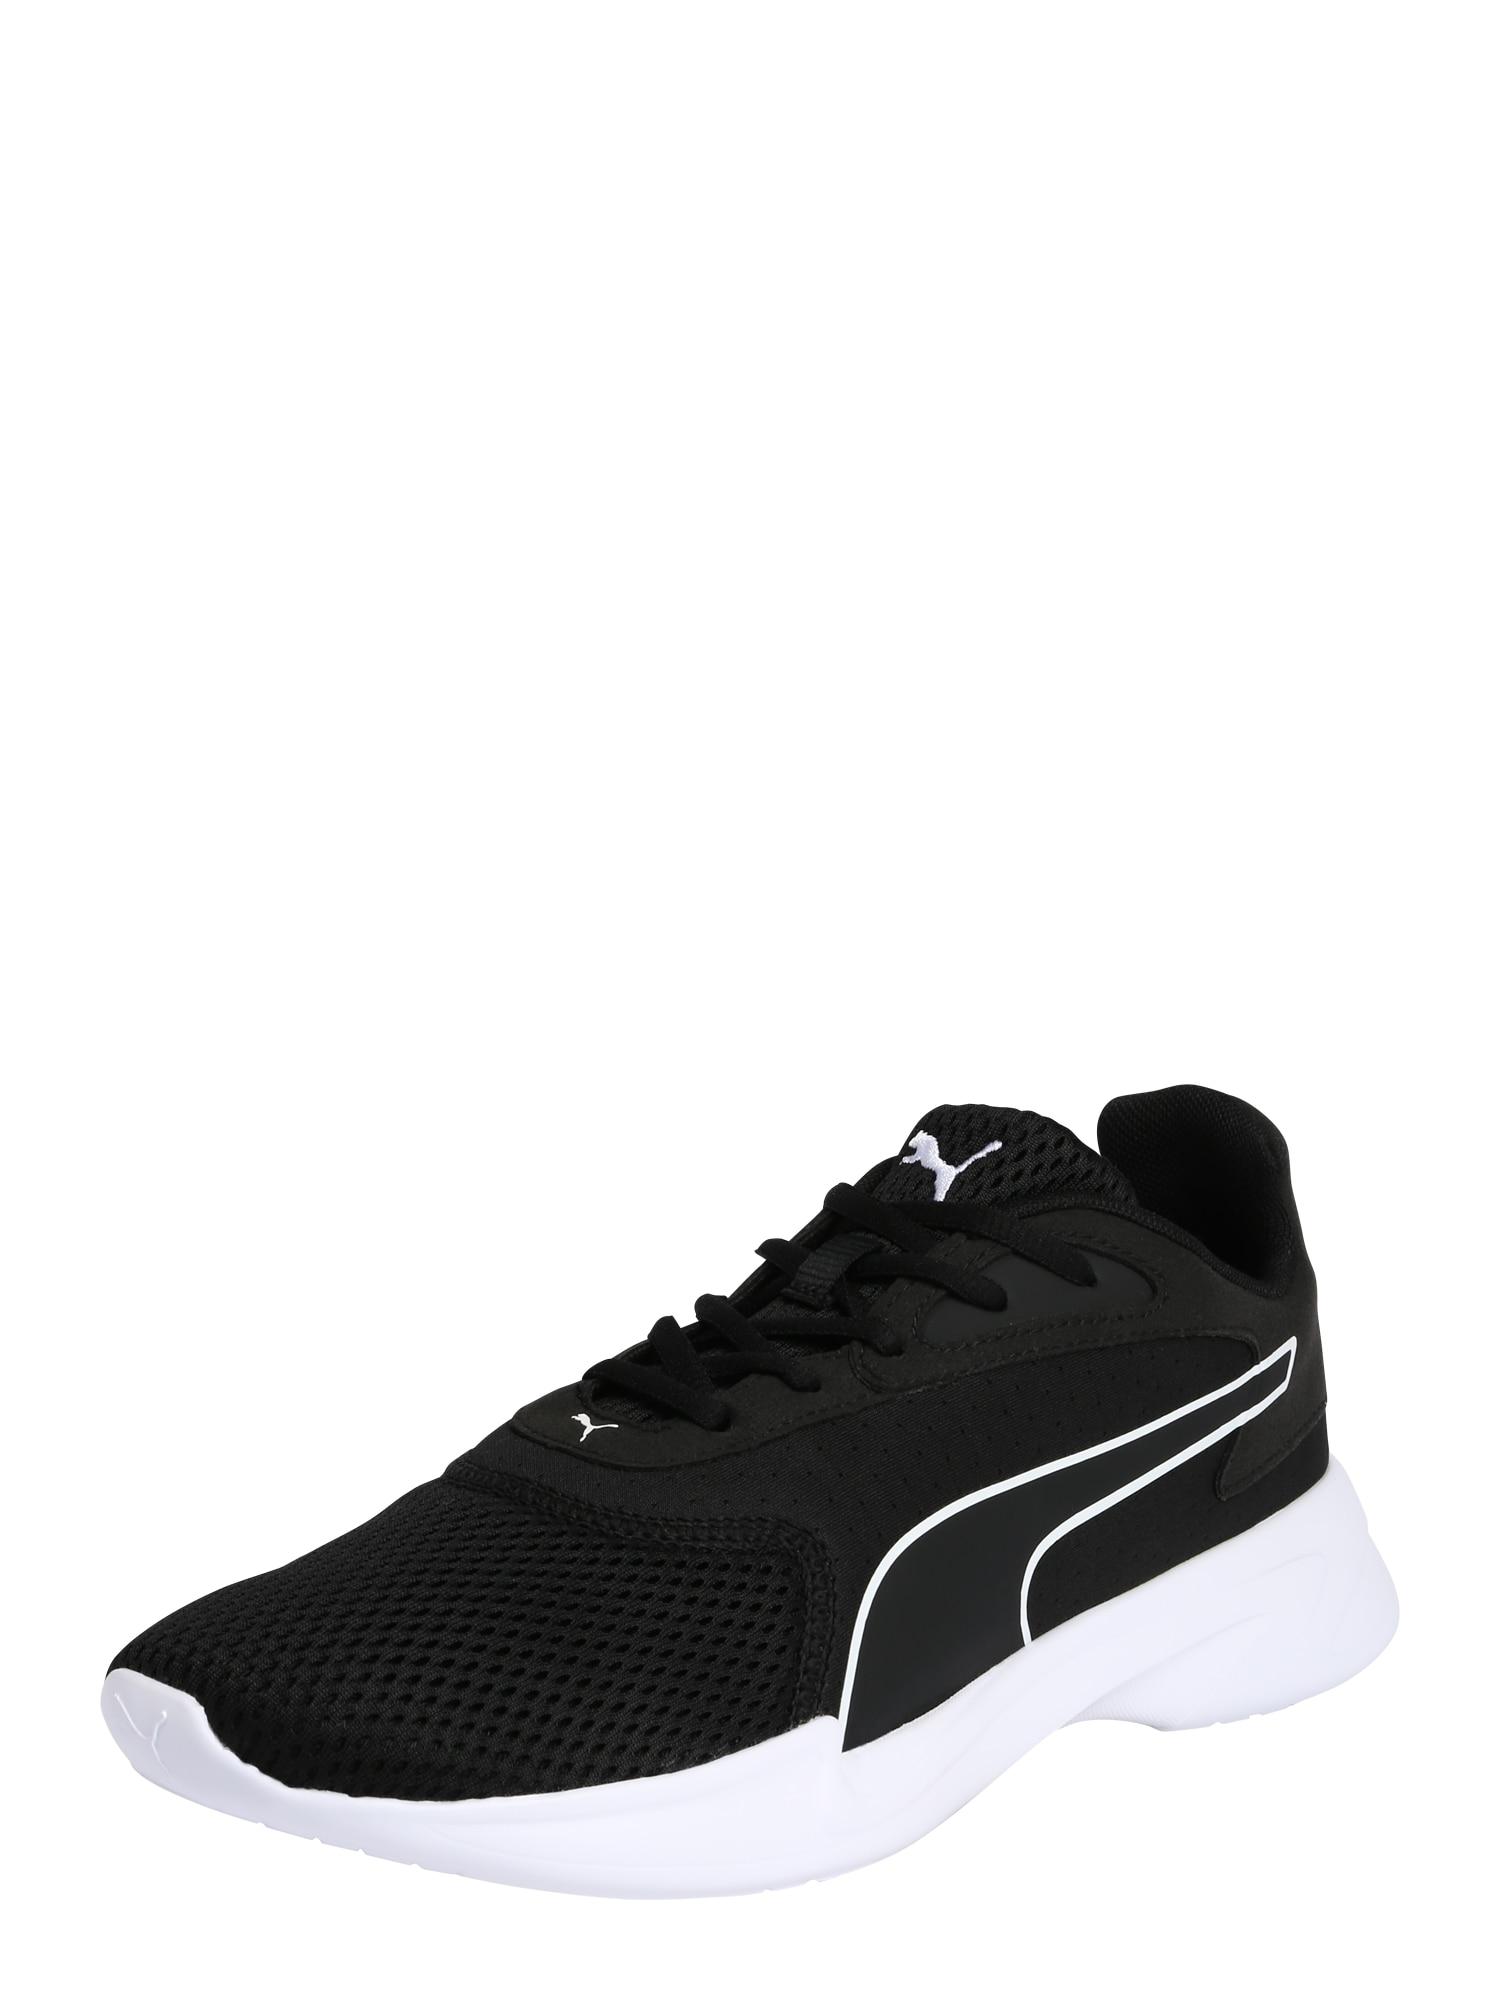 PUMA Bėgimo batai 'Jaro' balta / juoda